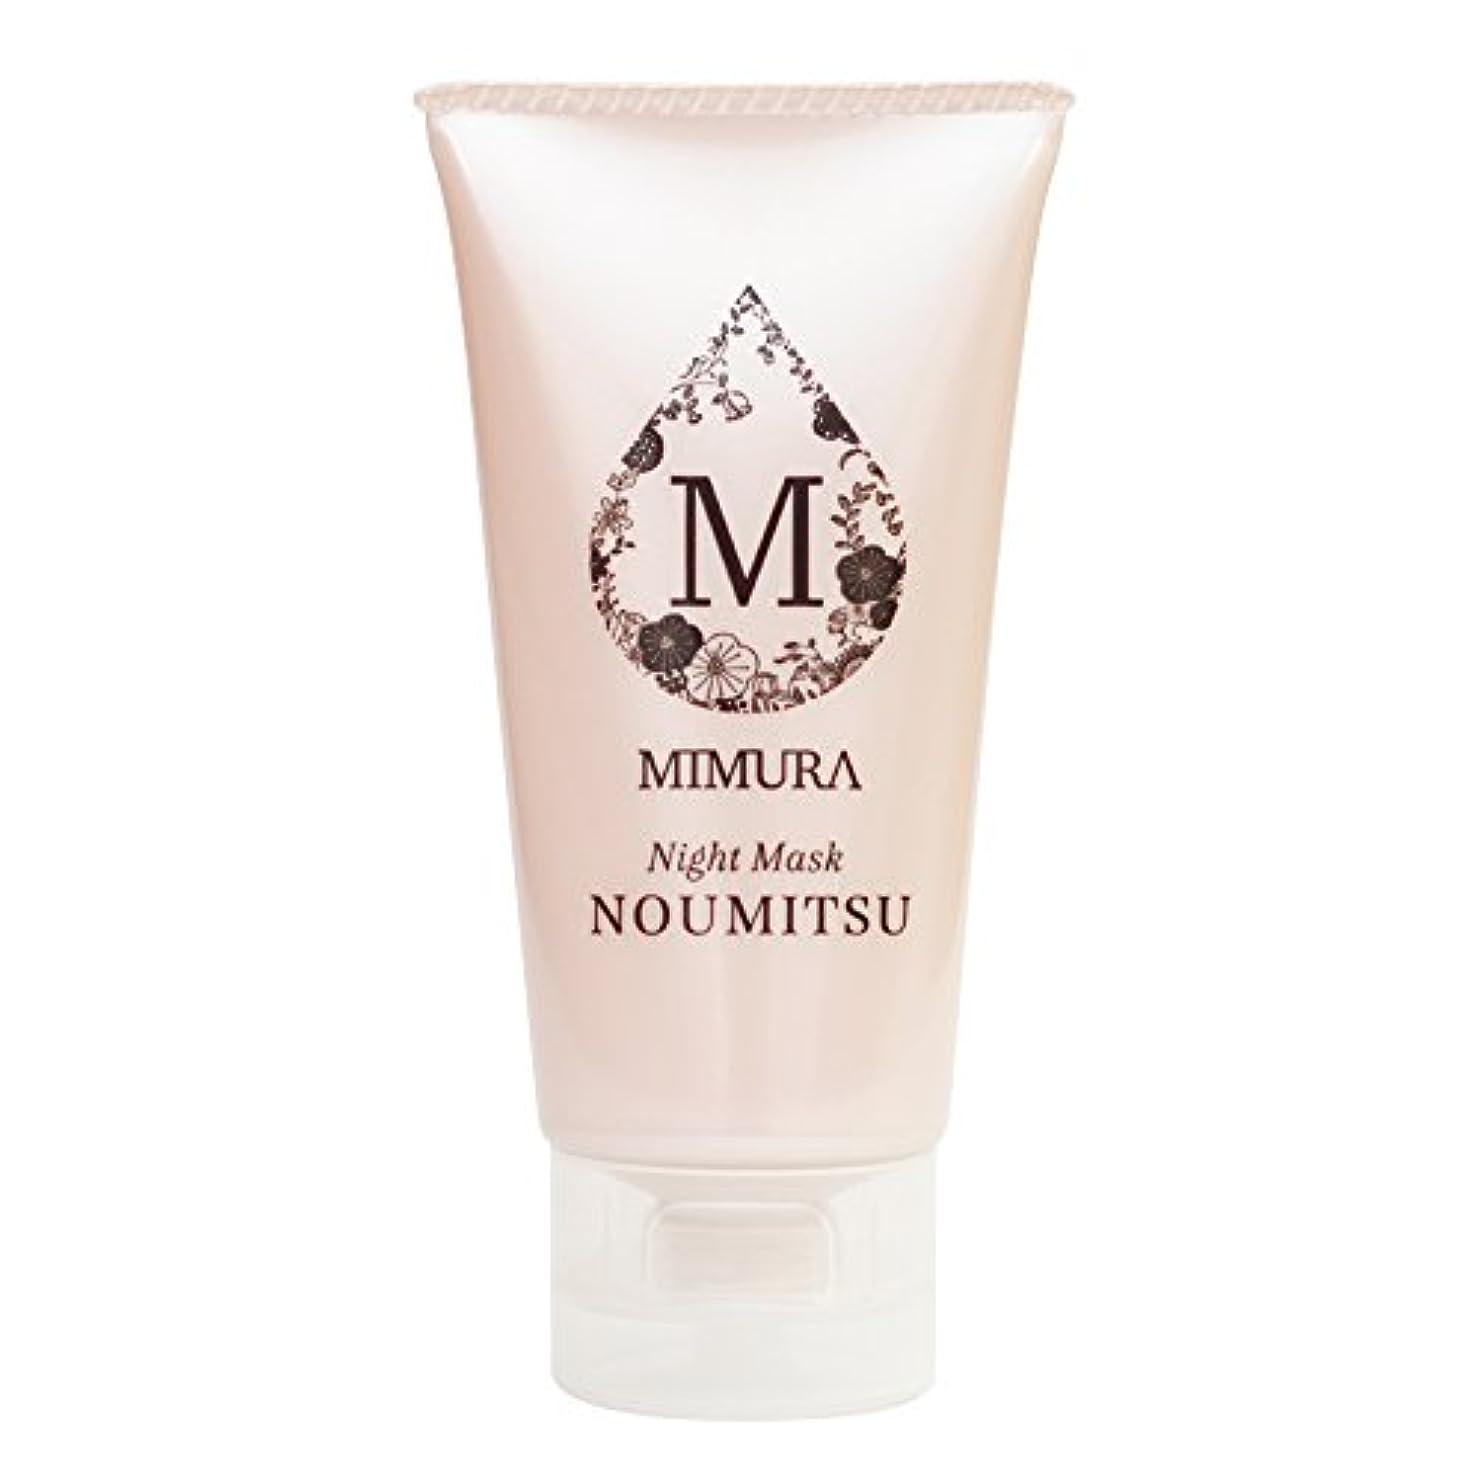 災害コントラストメロンナイトケアクリーム 保湿 顔 用 ミムラ ナイトマスク NOUMITSU 48g MIMURA 乾燥肌 日本製